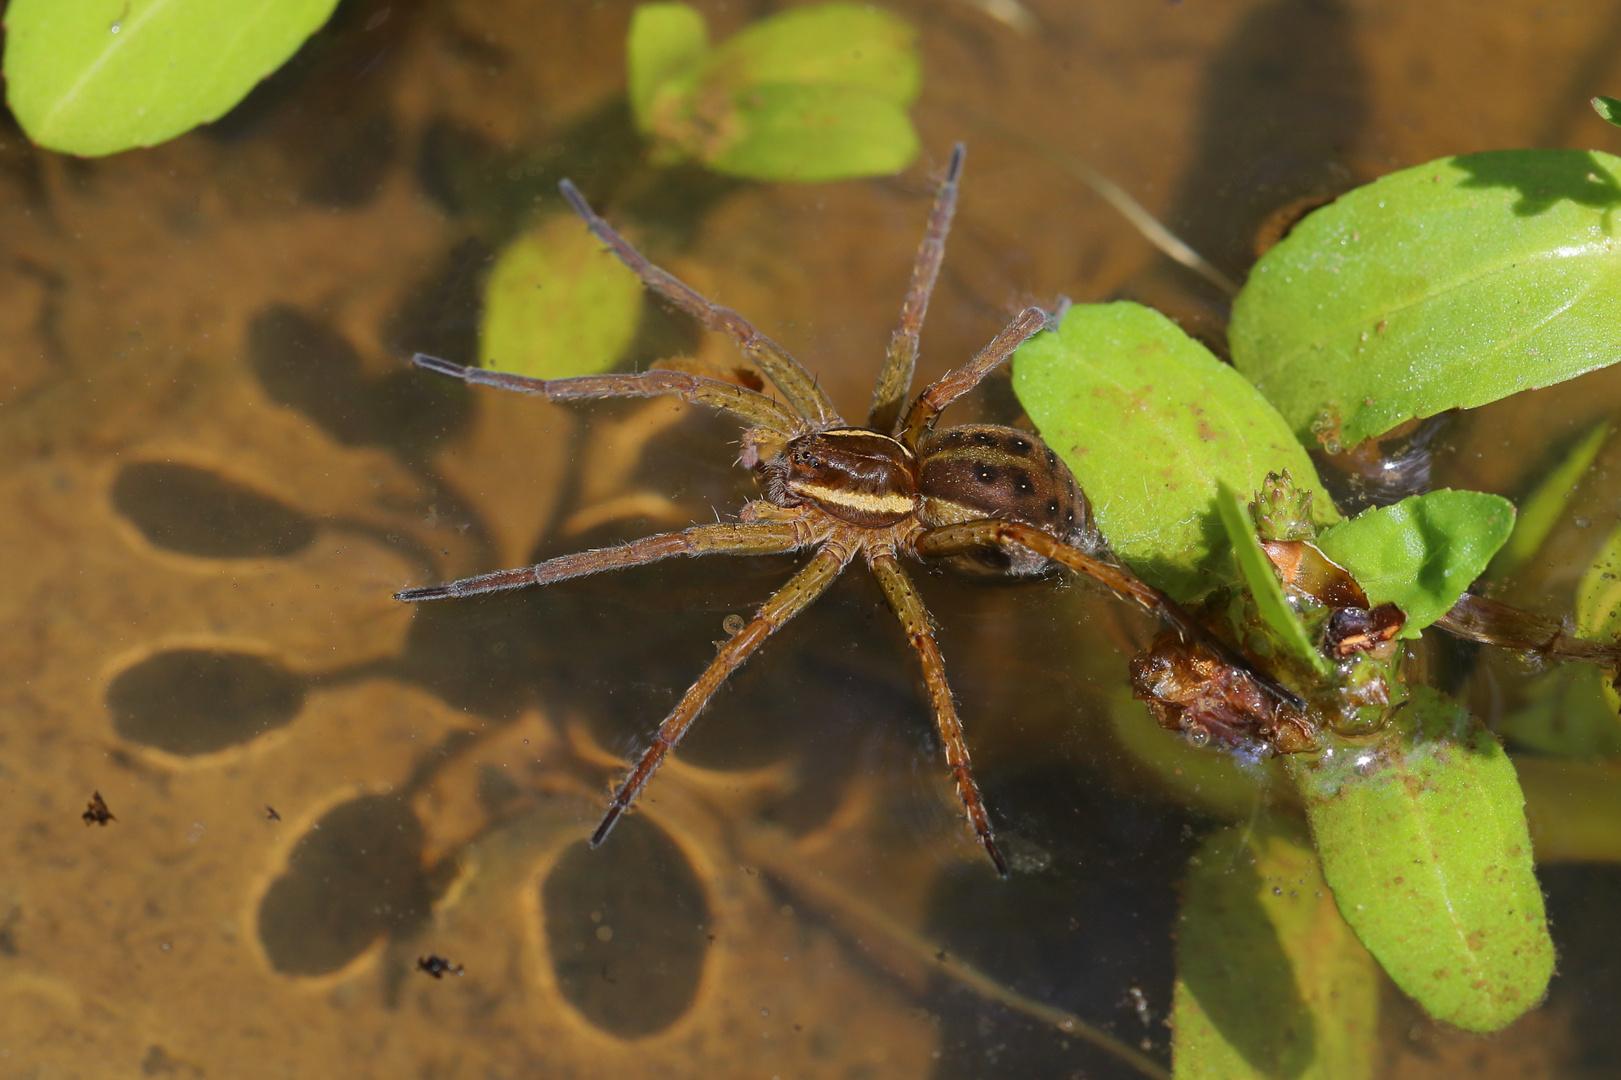 Spinne auf dem Wasser